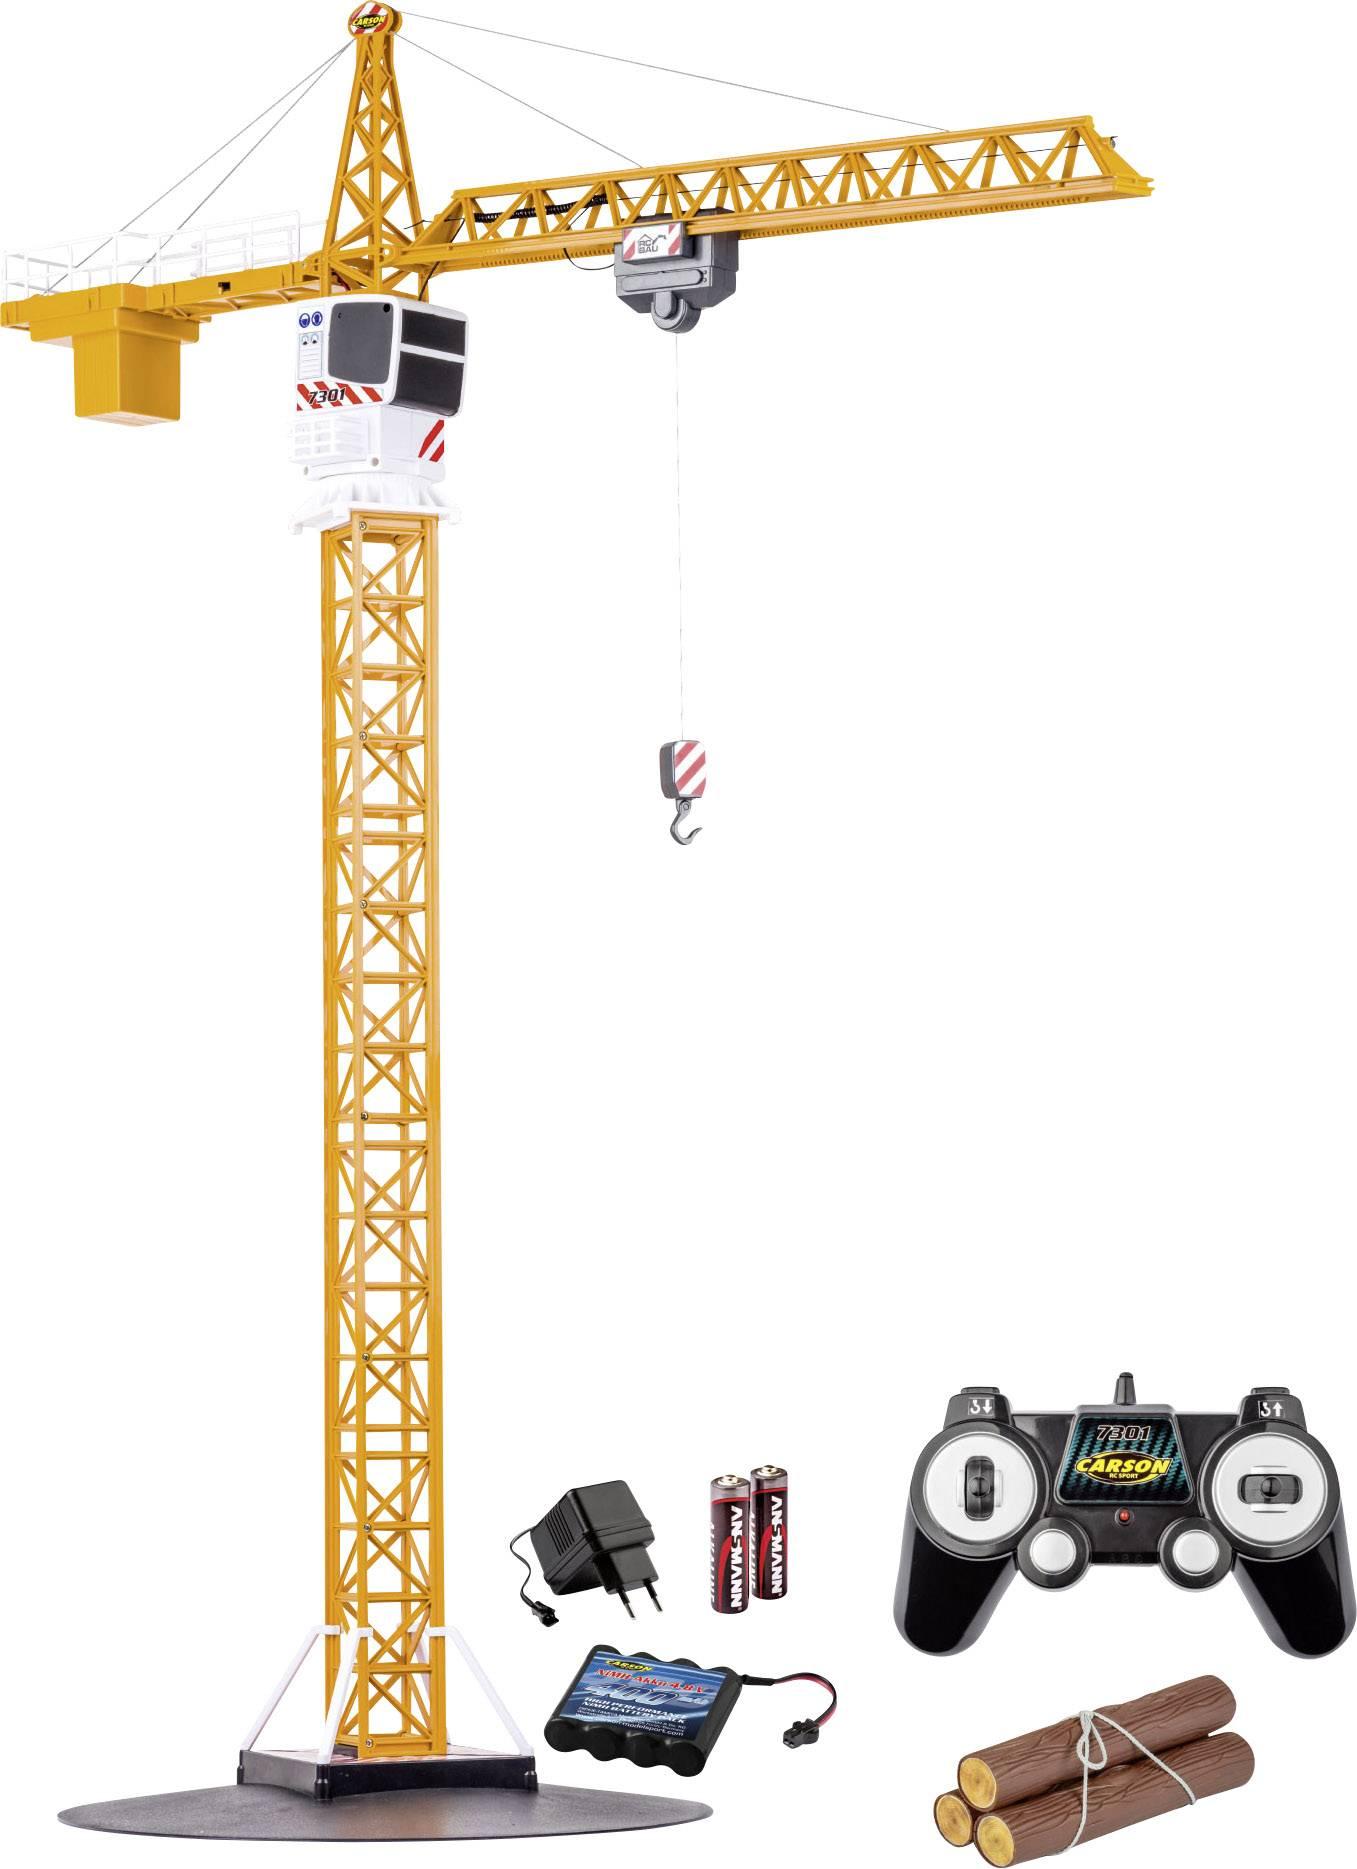 RC model jeřábu Carson Modellsport Tower Crane, 1:20, vč. akumulátorů, nabíječky a baterie ovladače